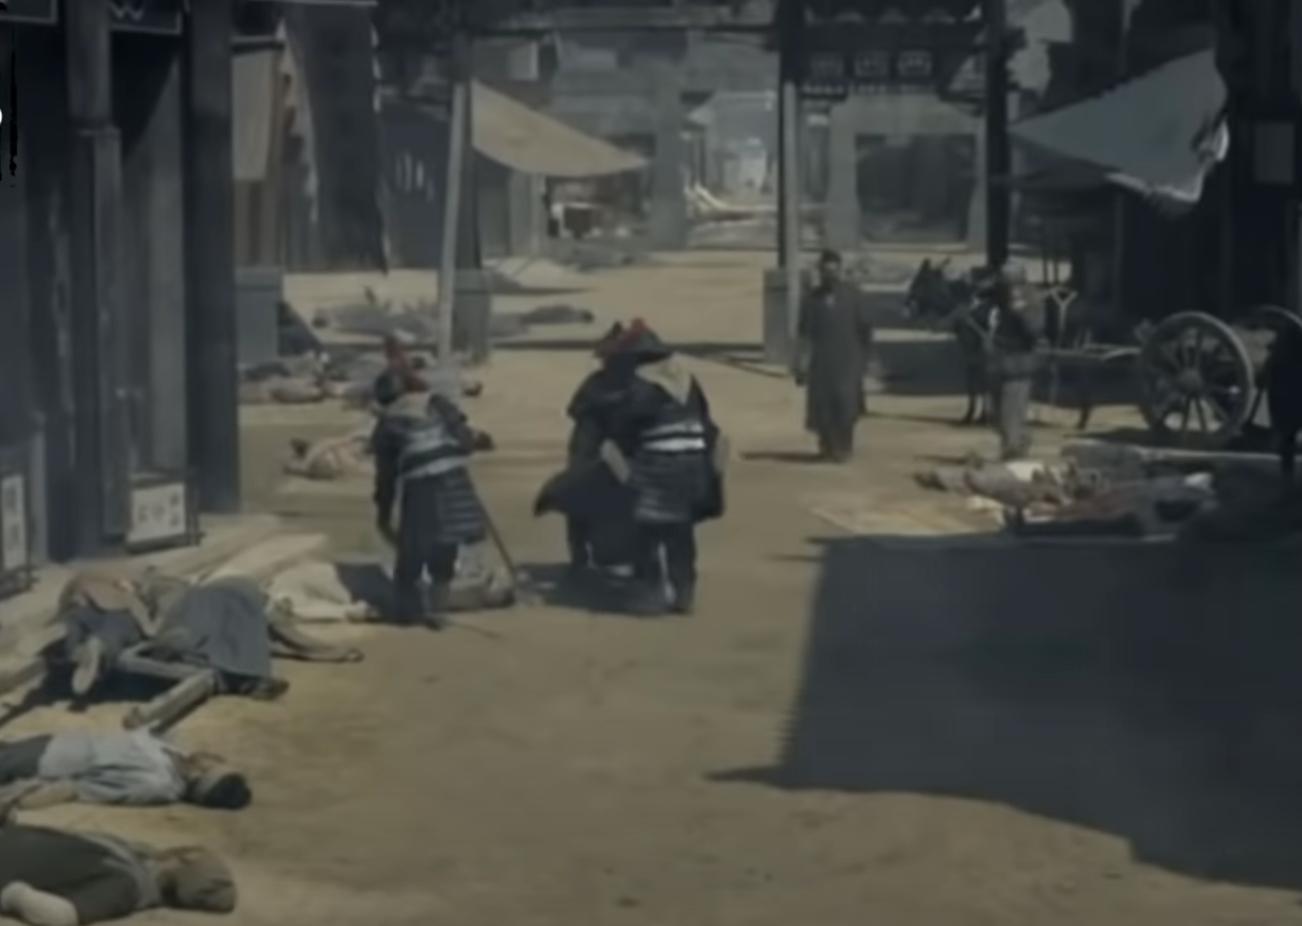 Lúc đó Tứ Xuyên đang bị bệnh dịch hoành hành, vì vậy ông quyết tâm đi về phía Nam để đến Ba Thục (Ảnh chụp màn hình video)